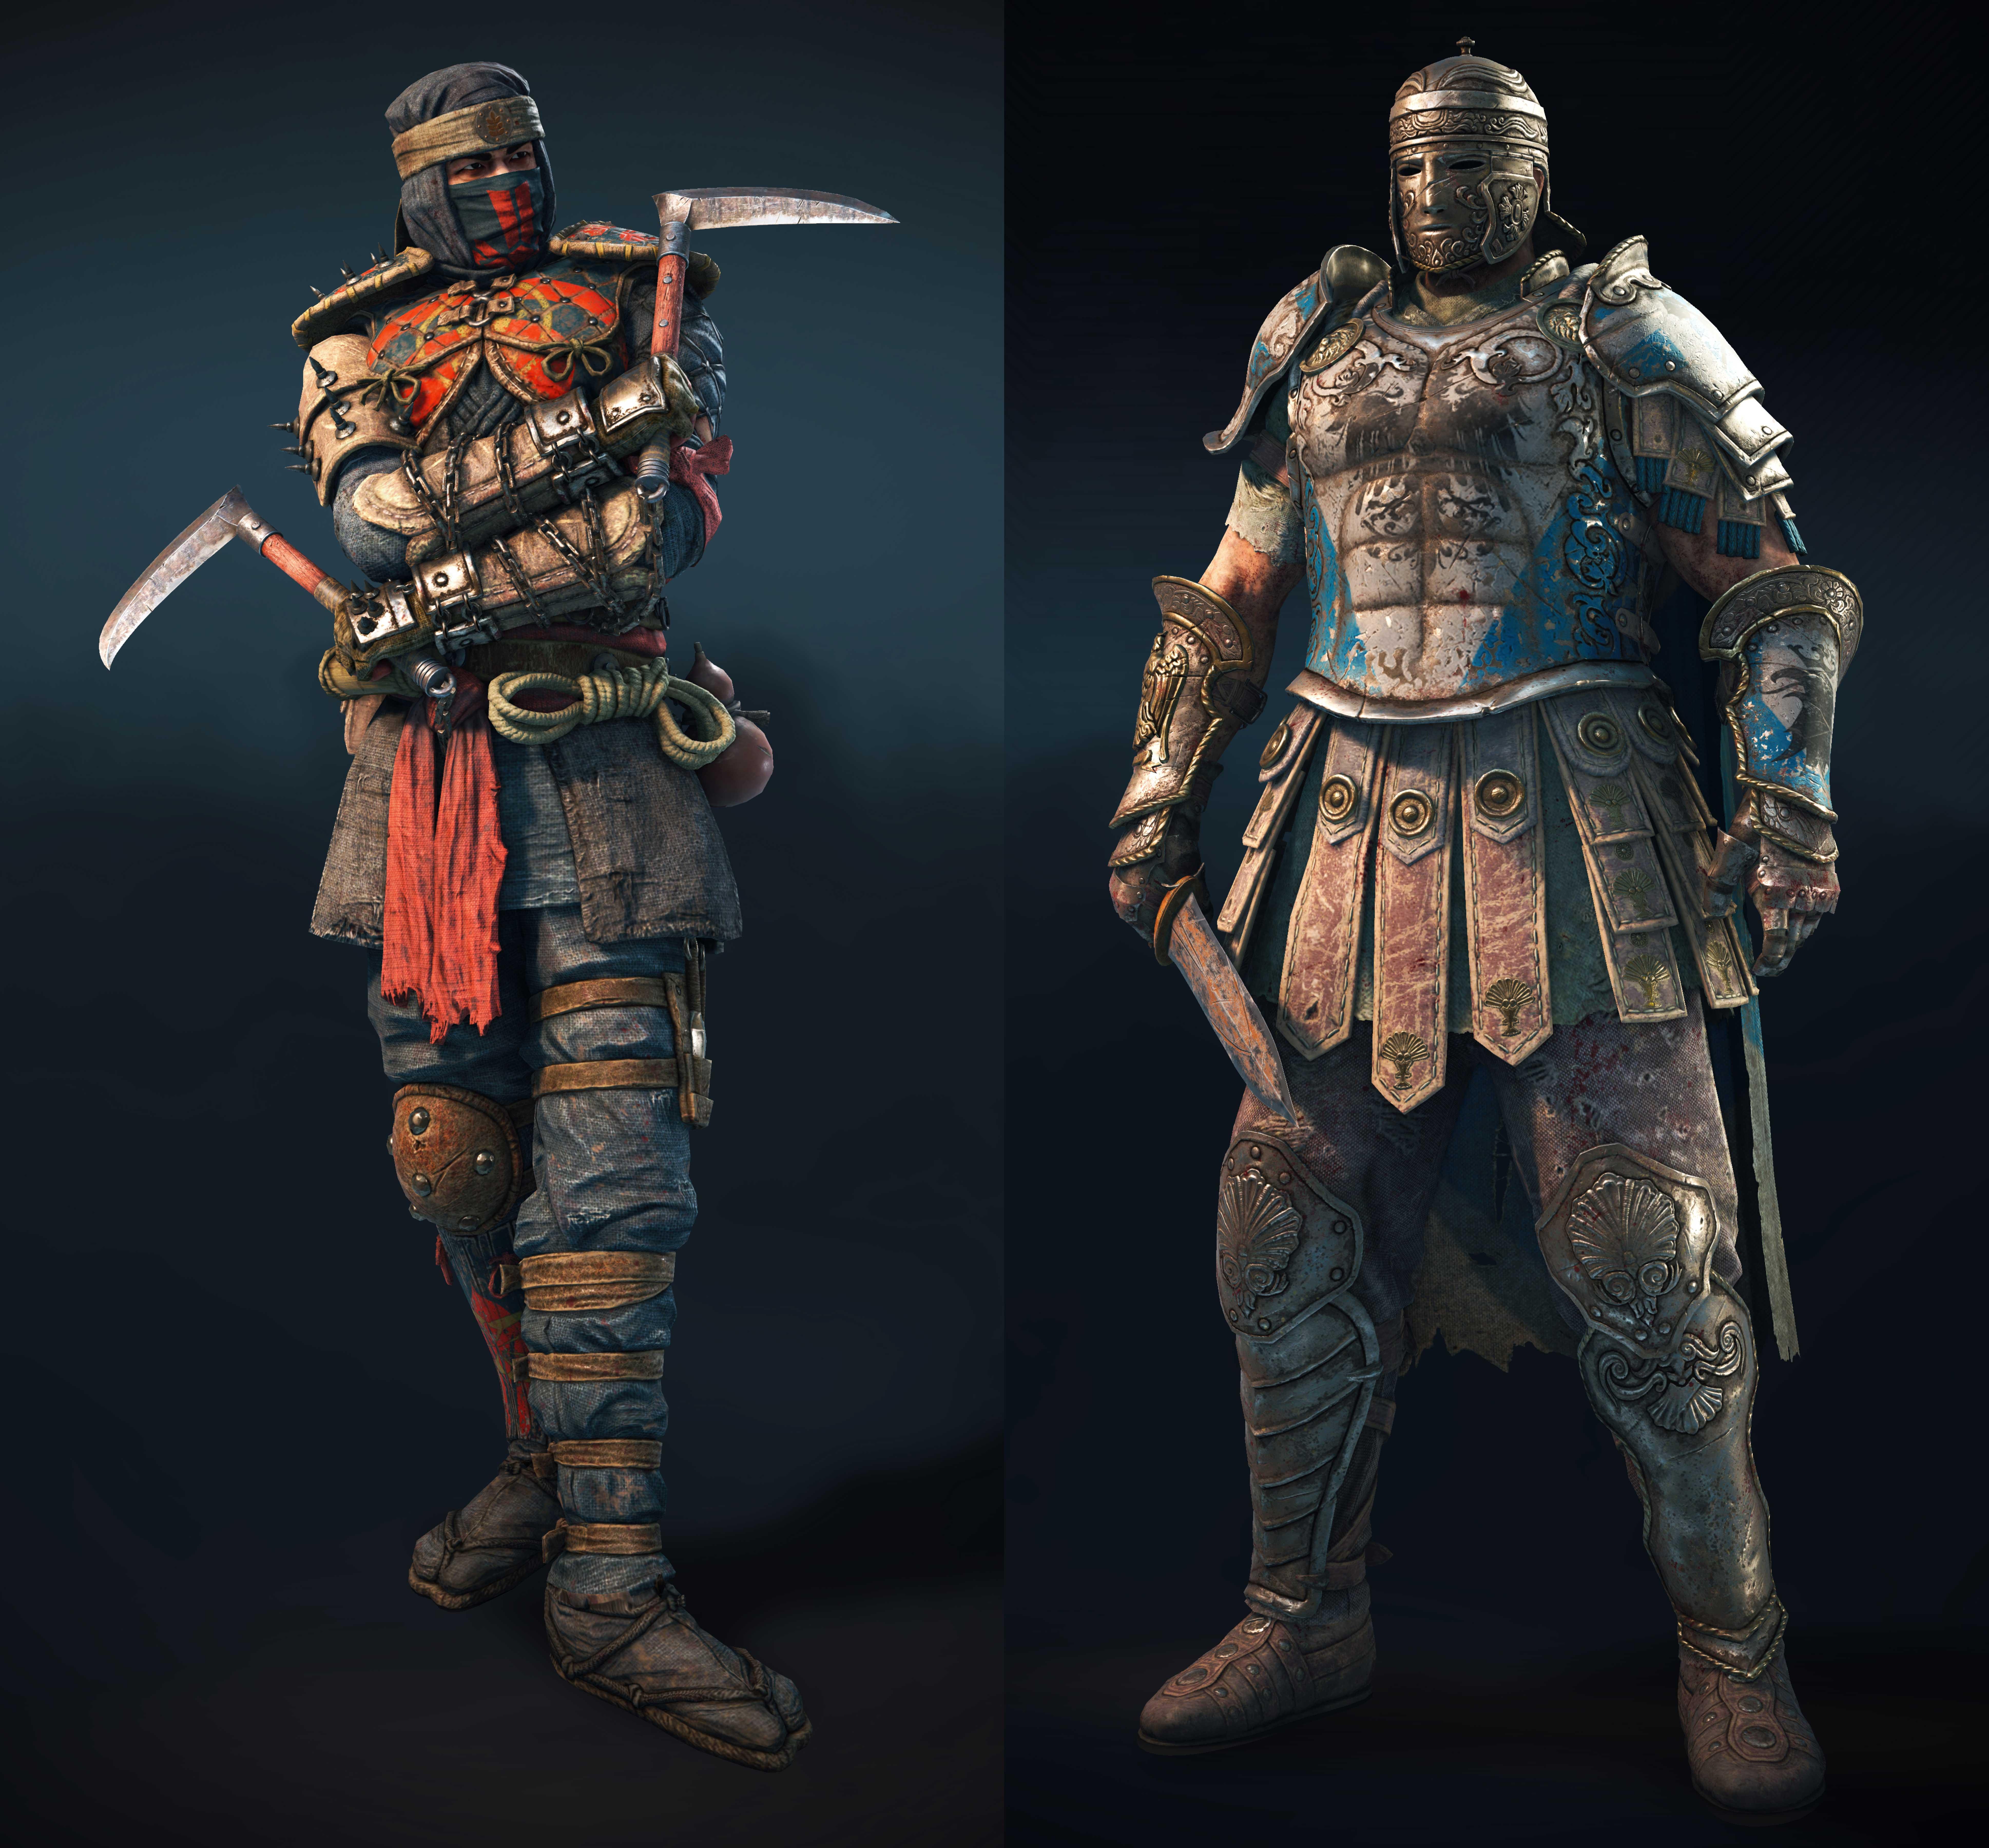 shinobi and centurion